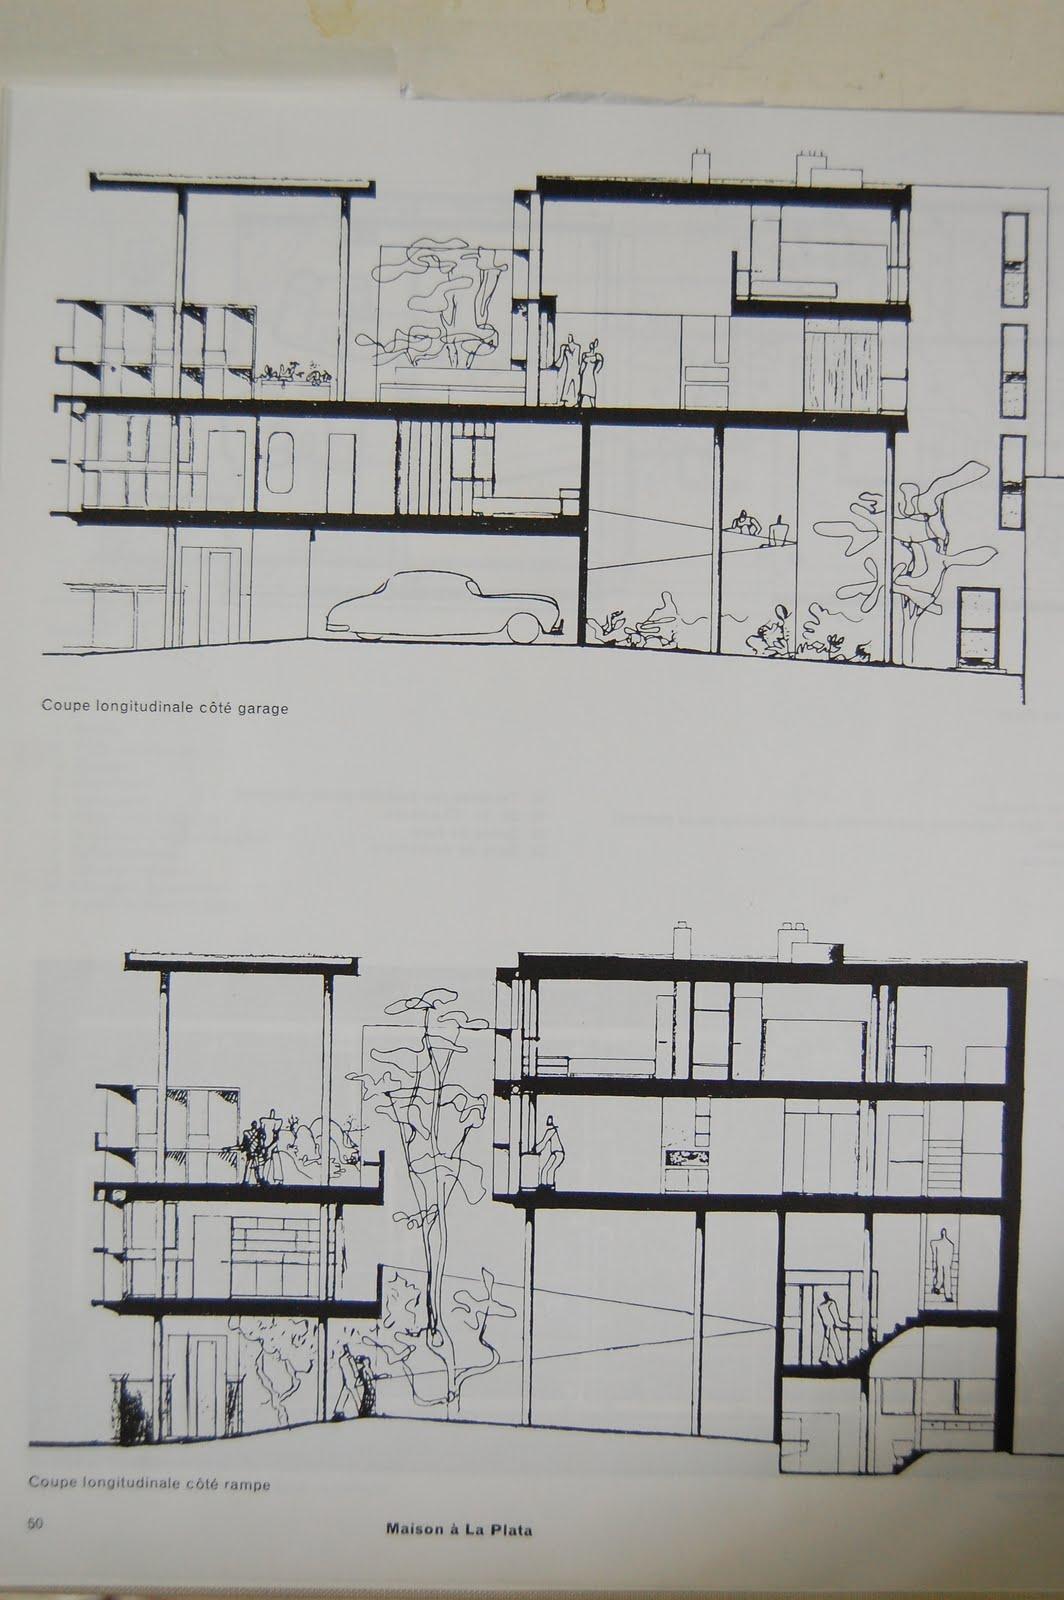 Arquitectura 1 agg curutchet le corbusier 1949 la plata - Agg arquitectura ...